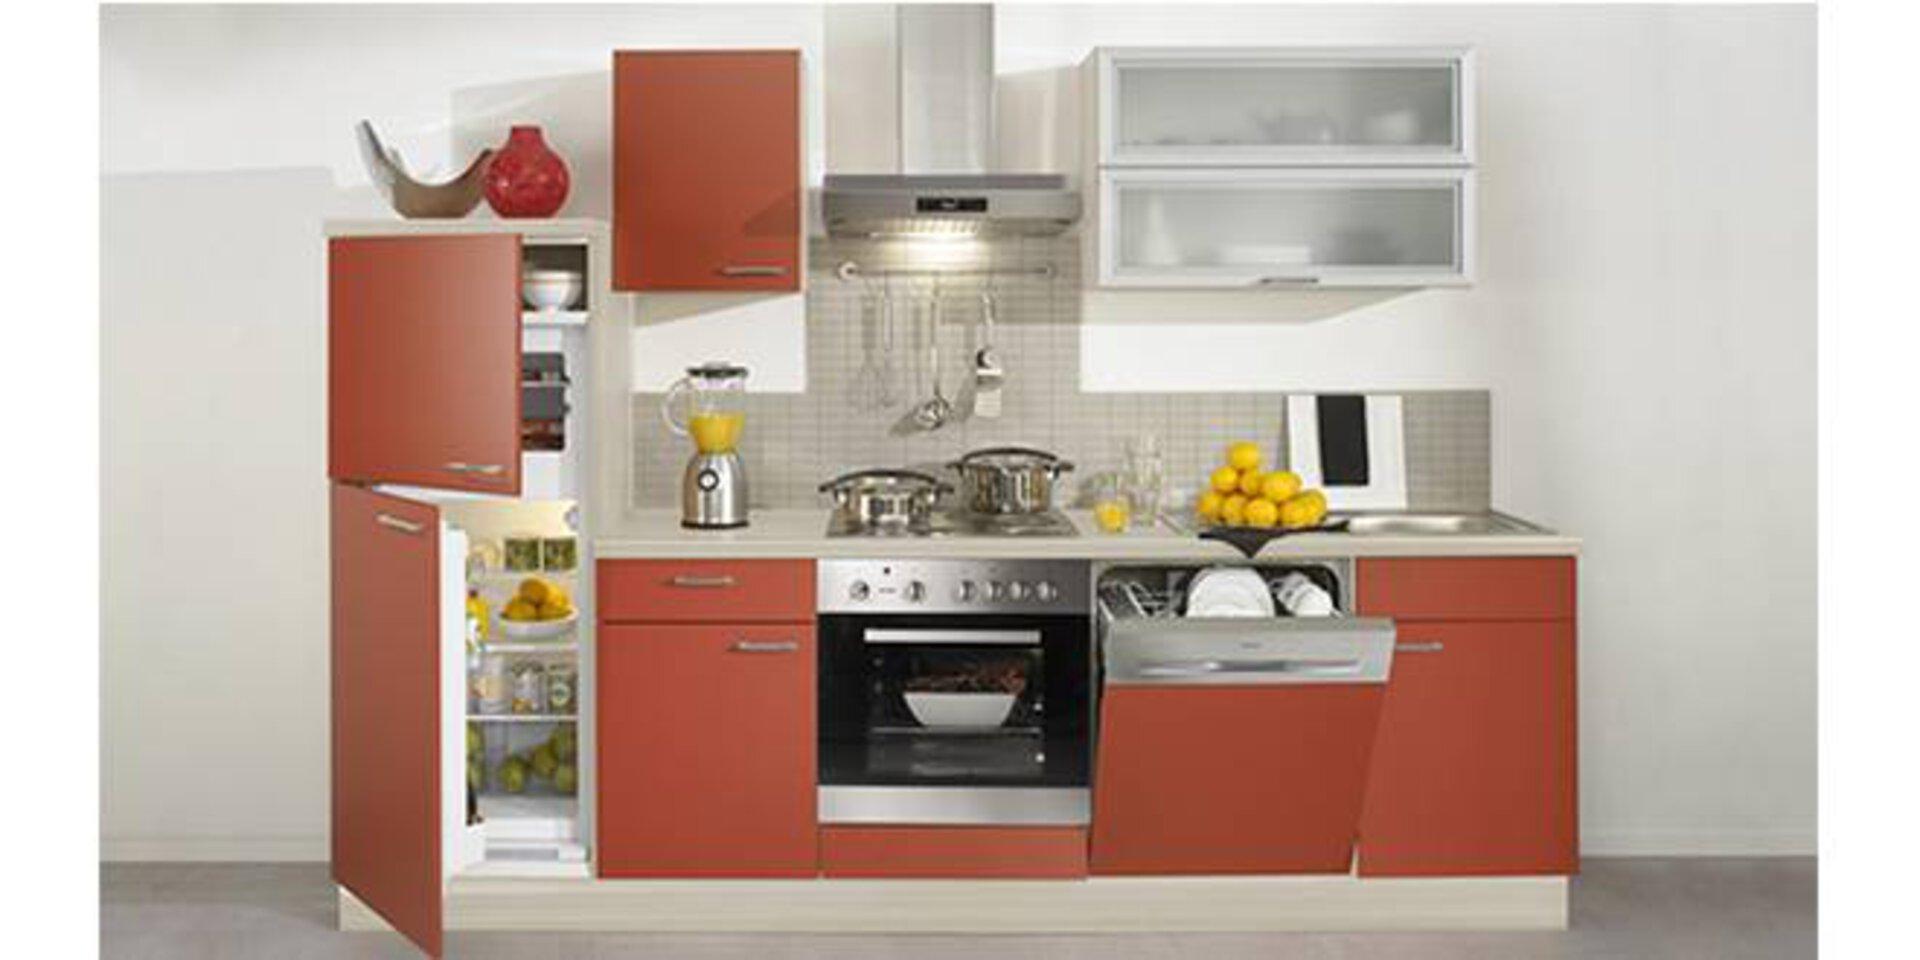 Kleine Küche mit hellroten Fronten und diversen Einbaugeräten dient als Beispiel für Kompaktküchen.